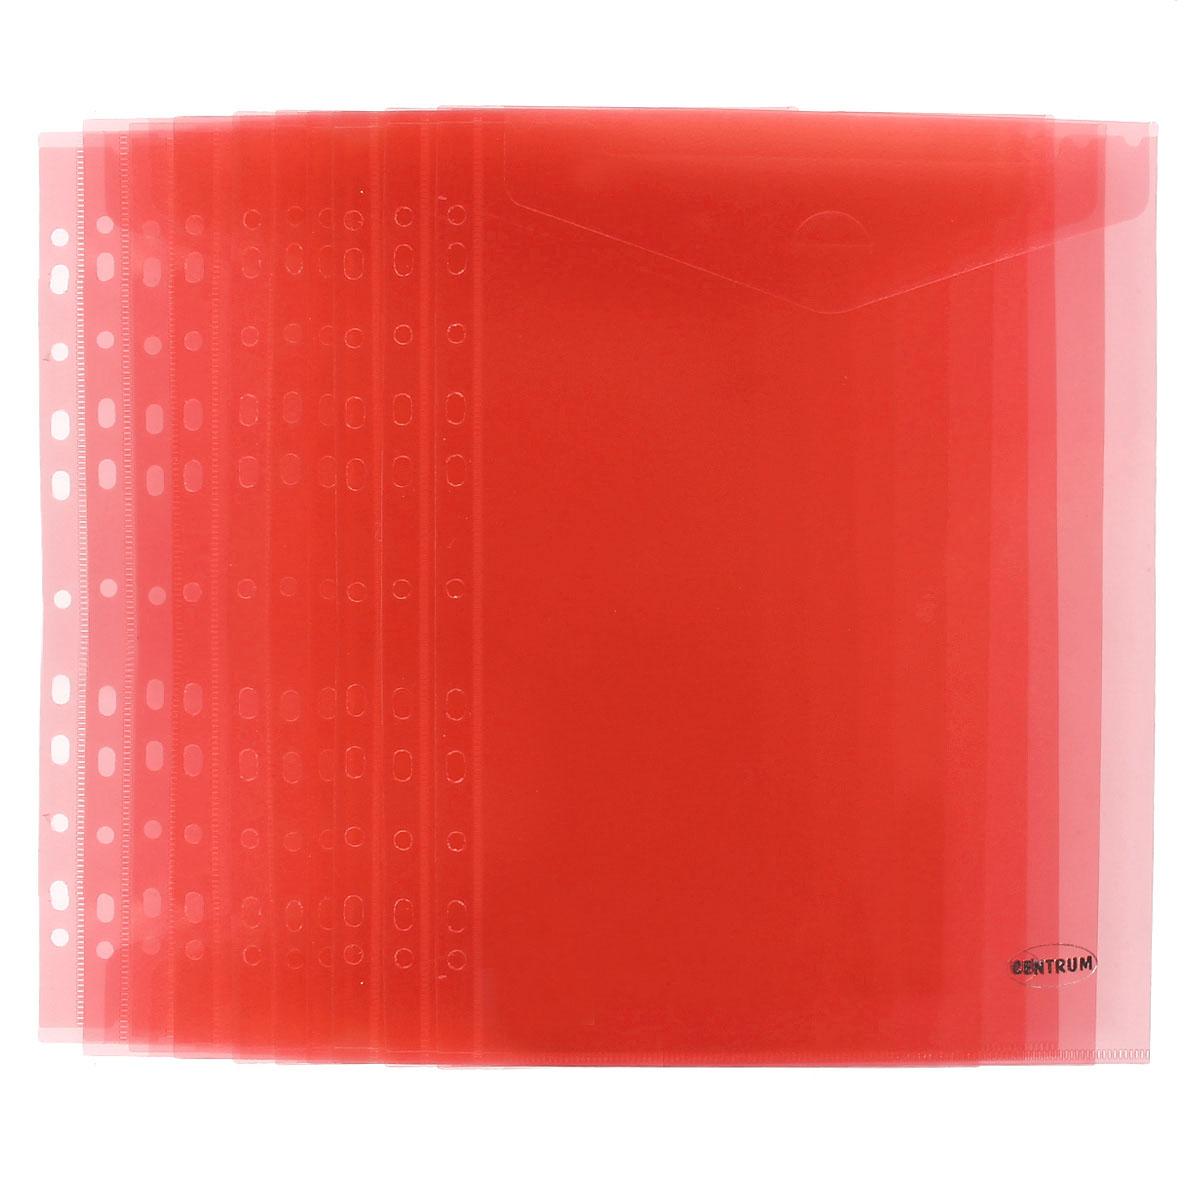 Папка-конверт Centrum, вертикальная, с перфорацией, цвет: красный. Формат А4, 10 шт80630ОПапка-конверт Centrum - это удобный и практичный офисный инструмент, предназначенный для хранения и транспортировки рабочих бумаг и документов формата А4. Папка изготовлена из полупрозрачного матового пластика, имеет перфорацию. В комплект входят 10 папок формата А4. Папка-конверт - это незаменимый атрибут для студента, школьника, офисного работника. Такая папка надежно сохранит ваши документы и сбережет их от повреждений, пыли и влаги.